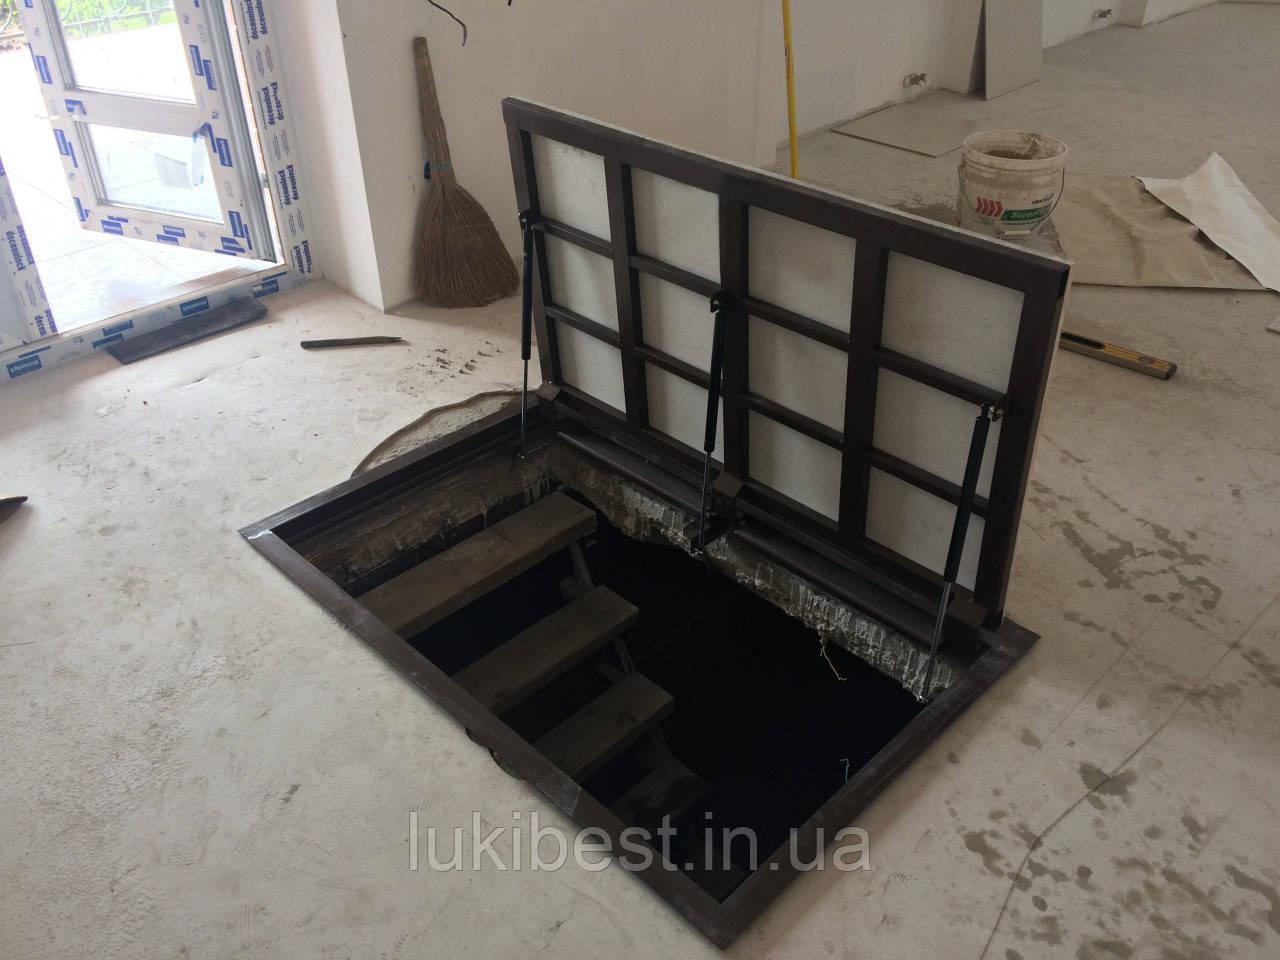 Напольный люк под линолеум 1000*1000 мм Вest Lift  / люк в погреб/ люк в подвал